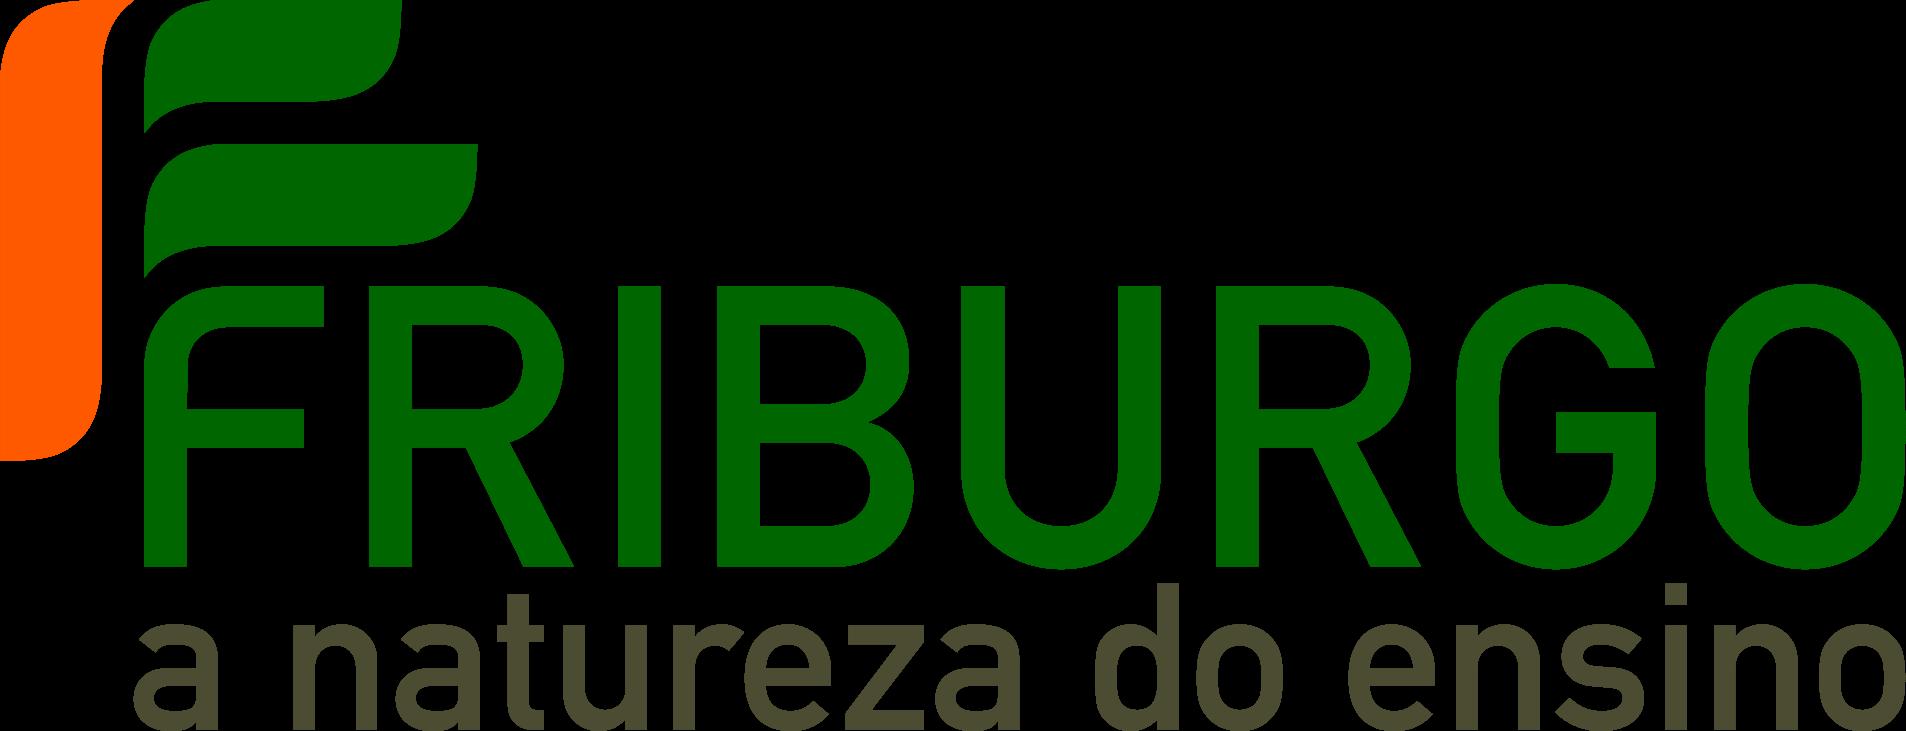 Colégio Friburgo